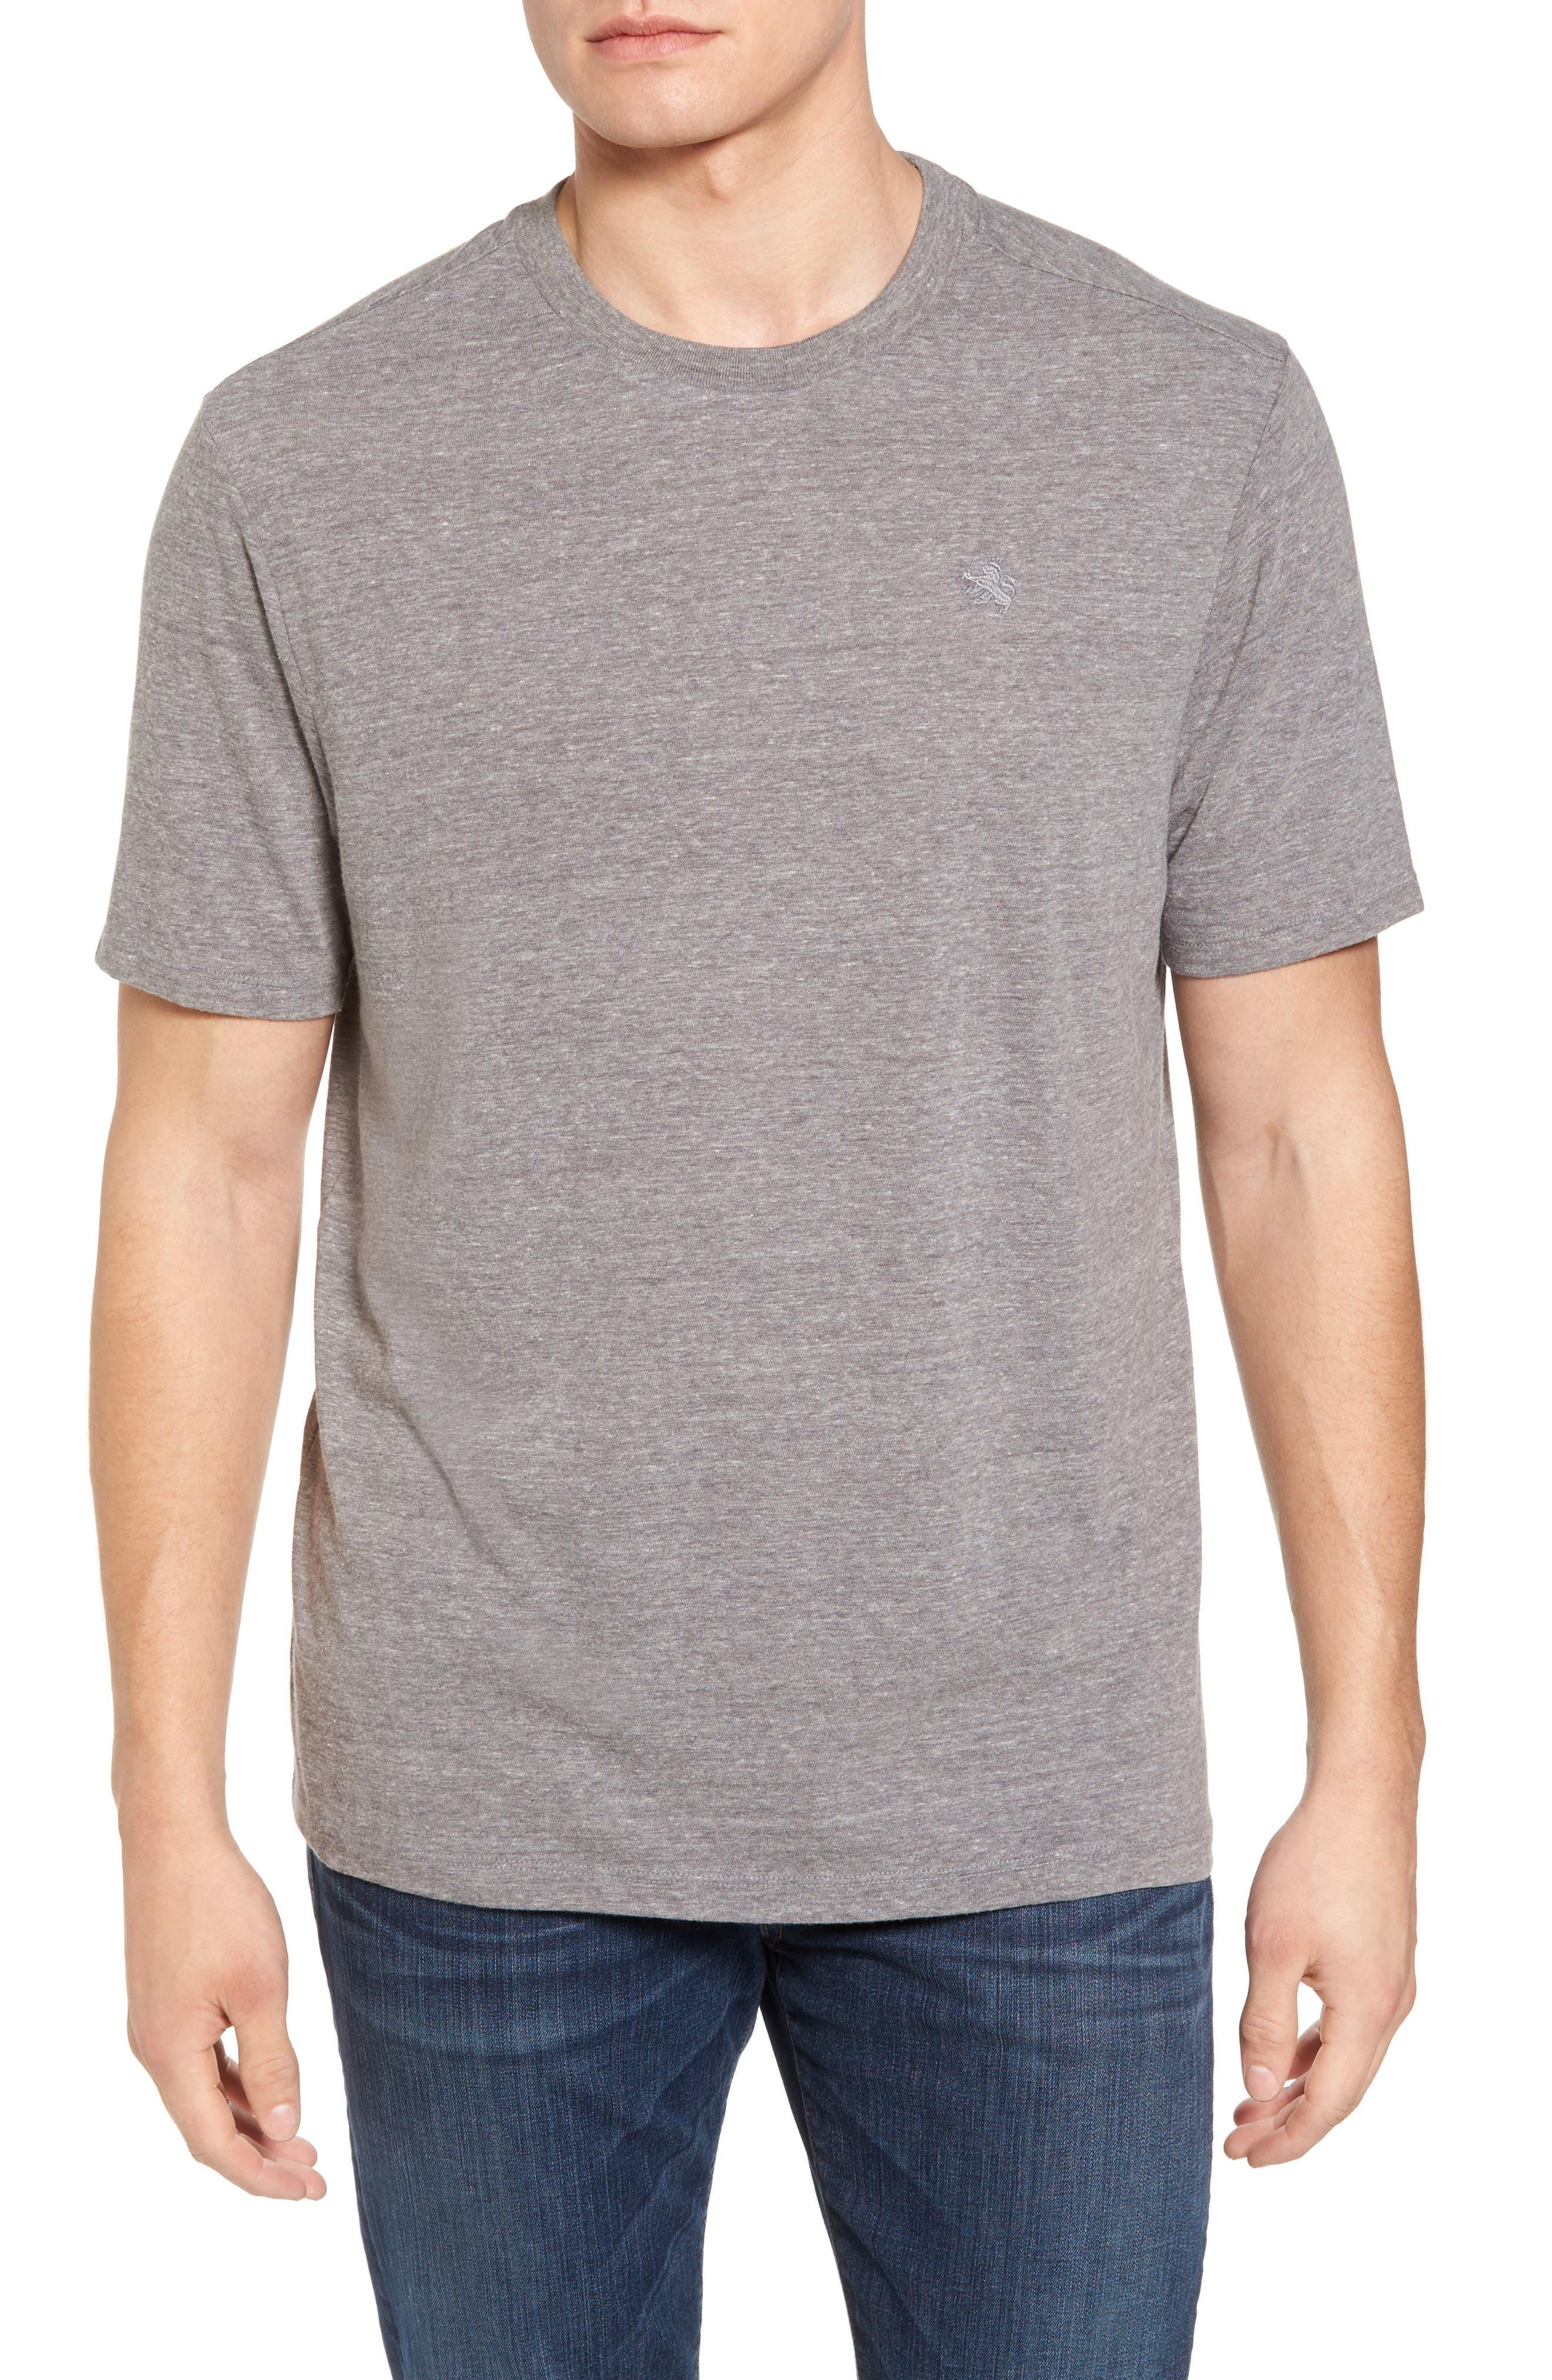 Parrots Cove Graphic T-Shirt,                         Main,                         color, 022